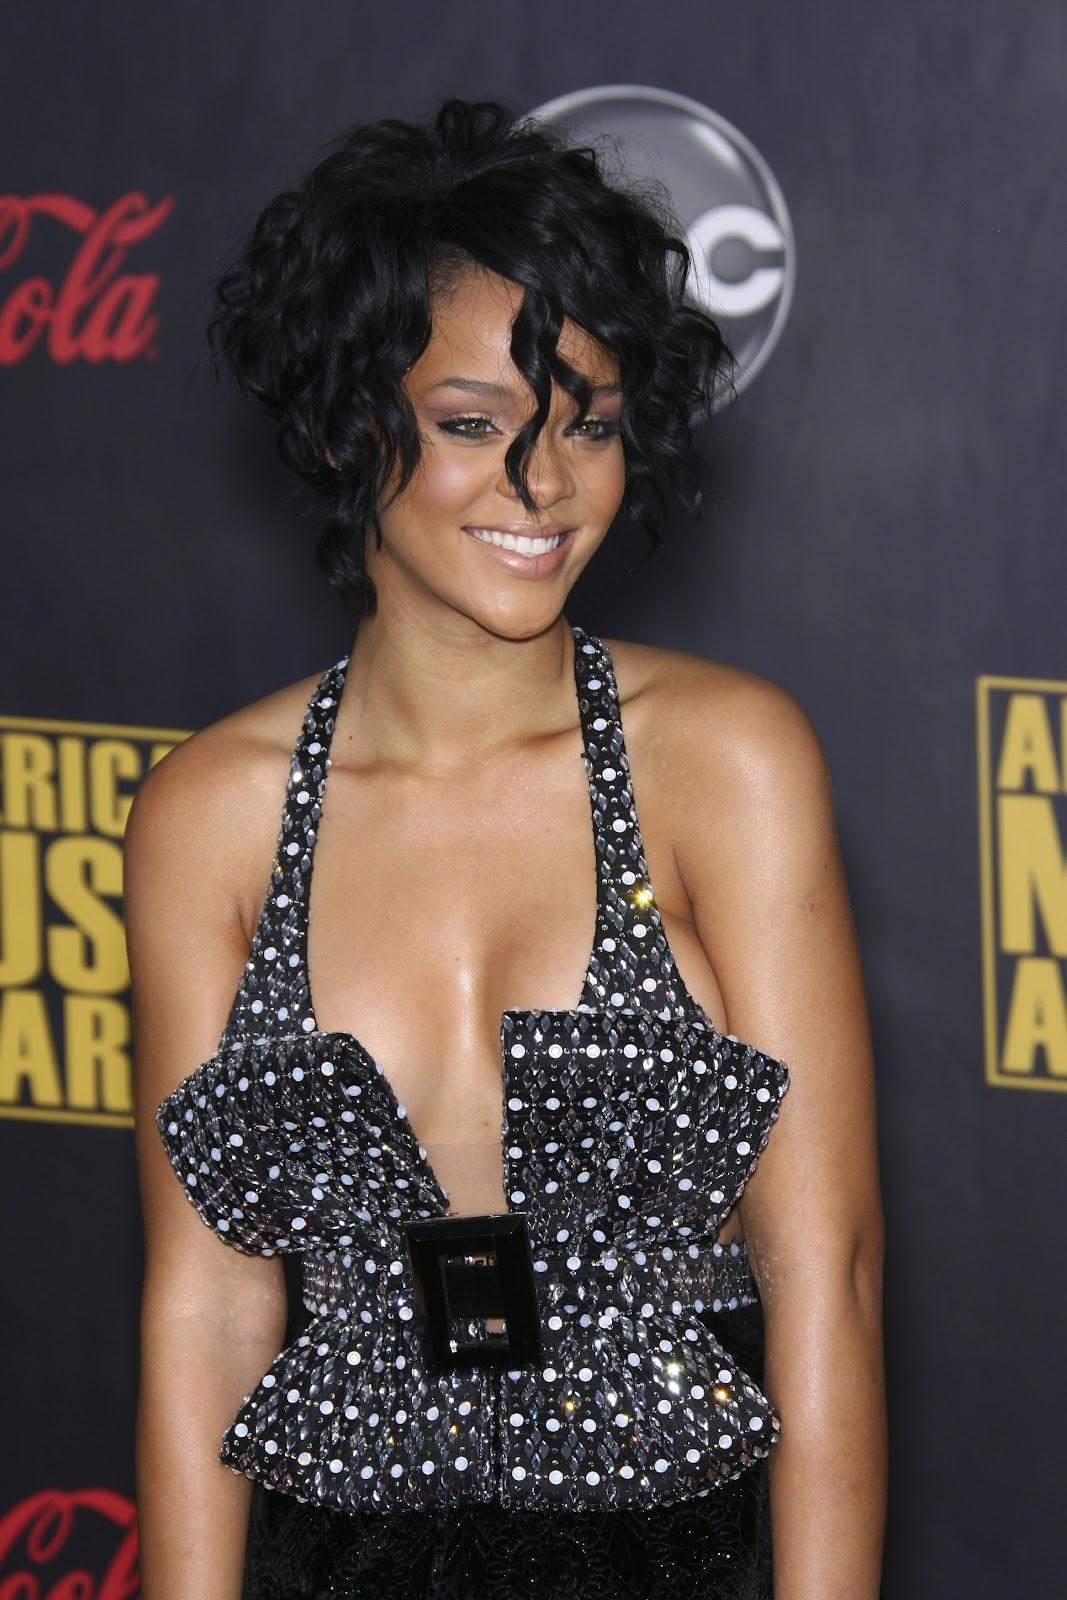 http://3.bp.blogspot.com/-oLRcfMQgmGA/TnTEweIWveI/AAAAAAAADNU/KYeqe6zqo7k/s1600/rihanna-curly-hair.jpg